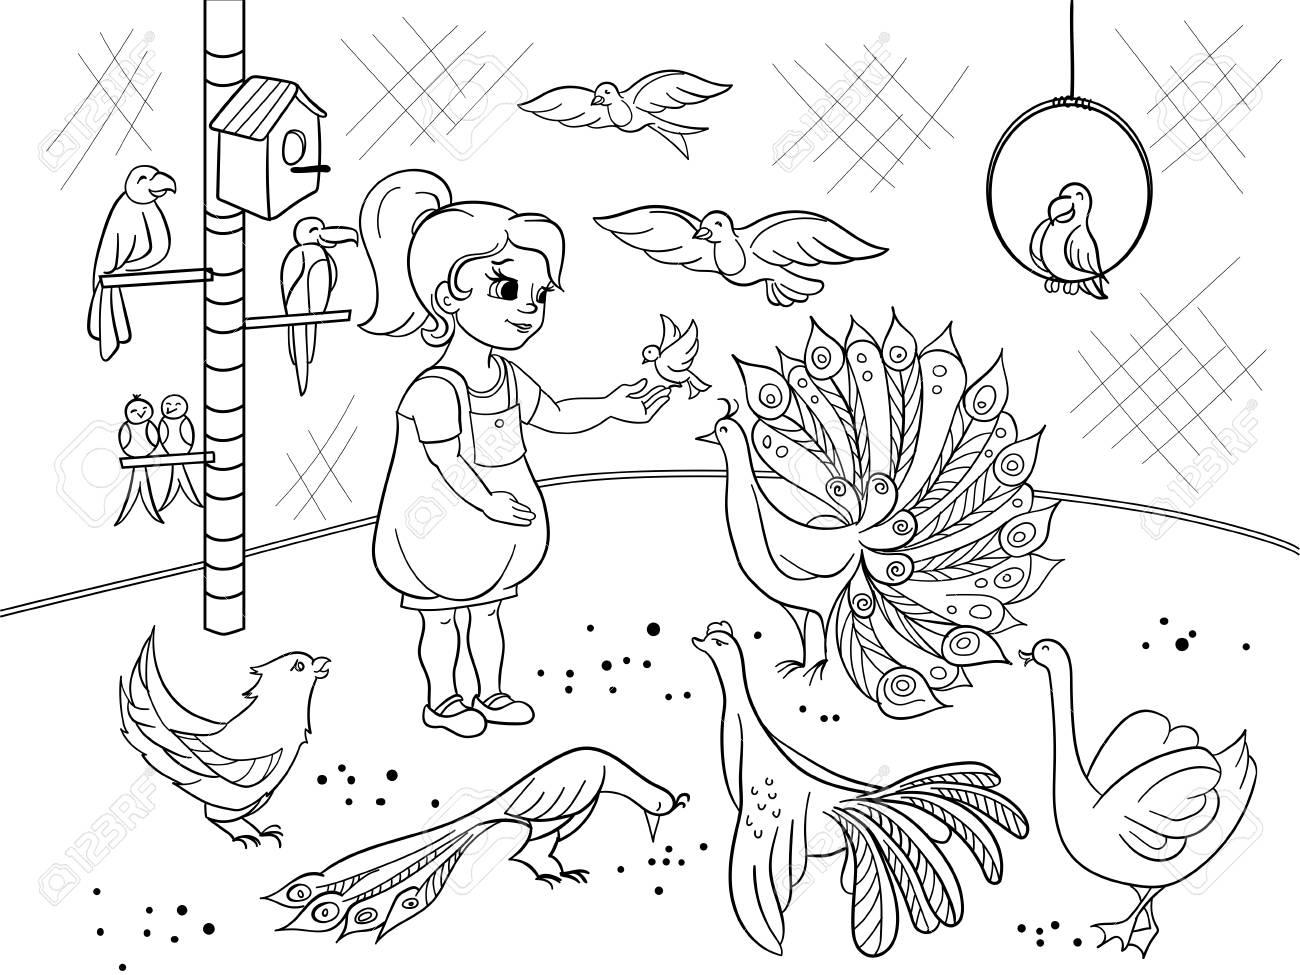 Dibujos Animados De Niños Para Colorear El Zoológico De Aves De Contacto Libro De Imágenes En Blanco Y Negro De Aves Ornitología Para La Niña